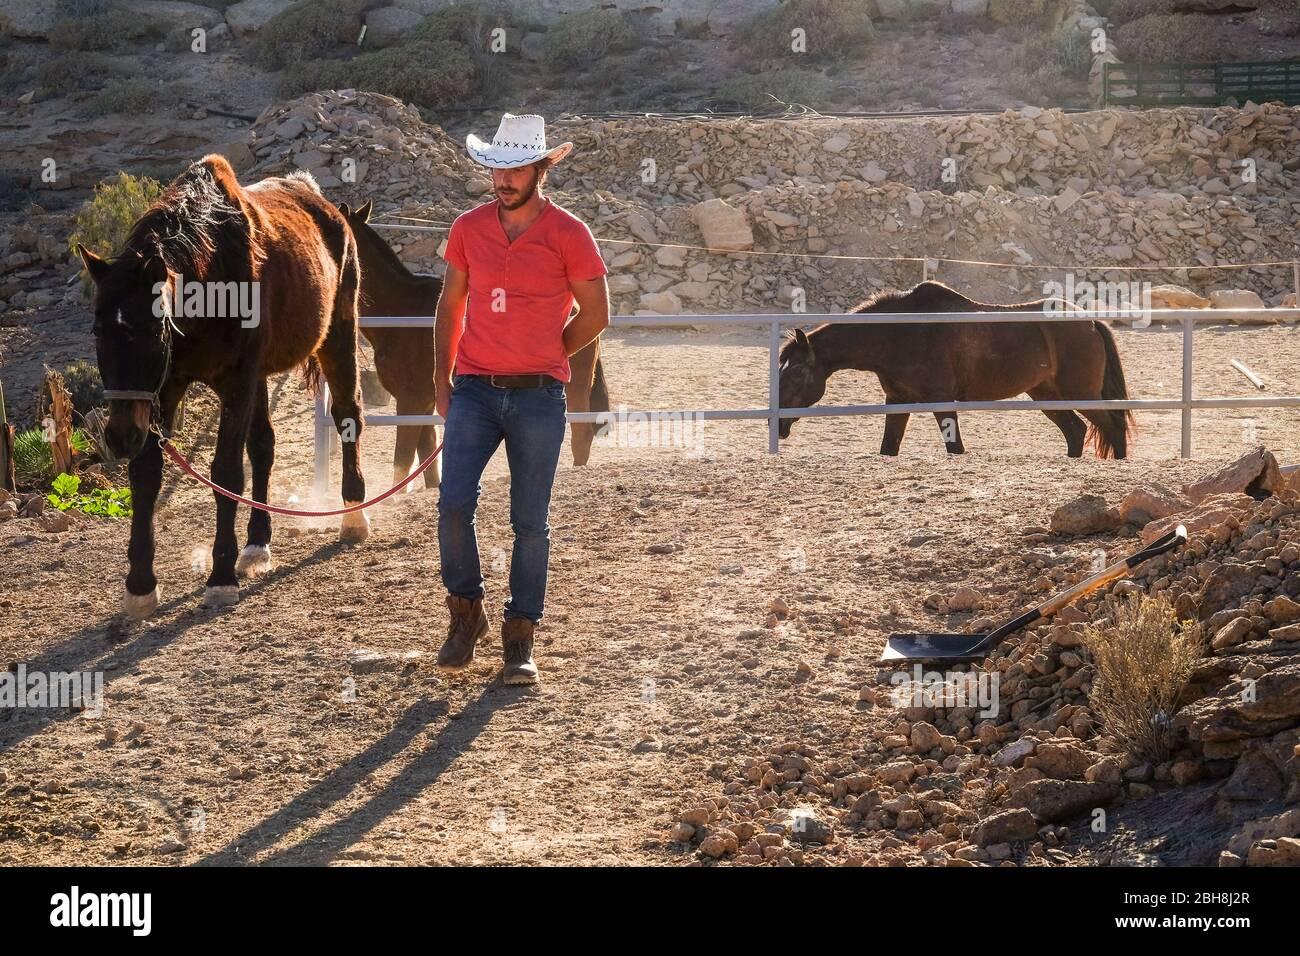 Camiseta roja vaquero campesino hombre trabajando con caballos en el campo al aire libre lado lugar - buena alternativa libre estilo de vida para la gente que disfruta de la naturaleza y los animales Foto de stock